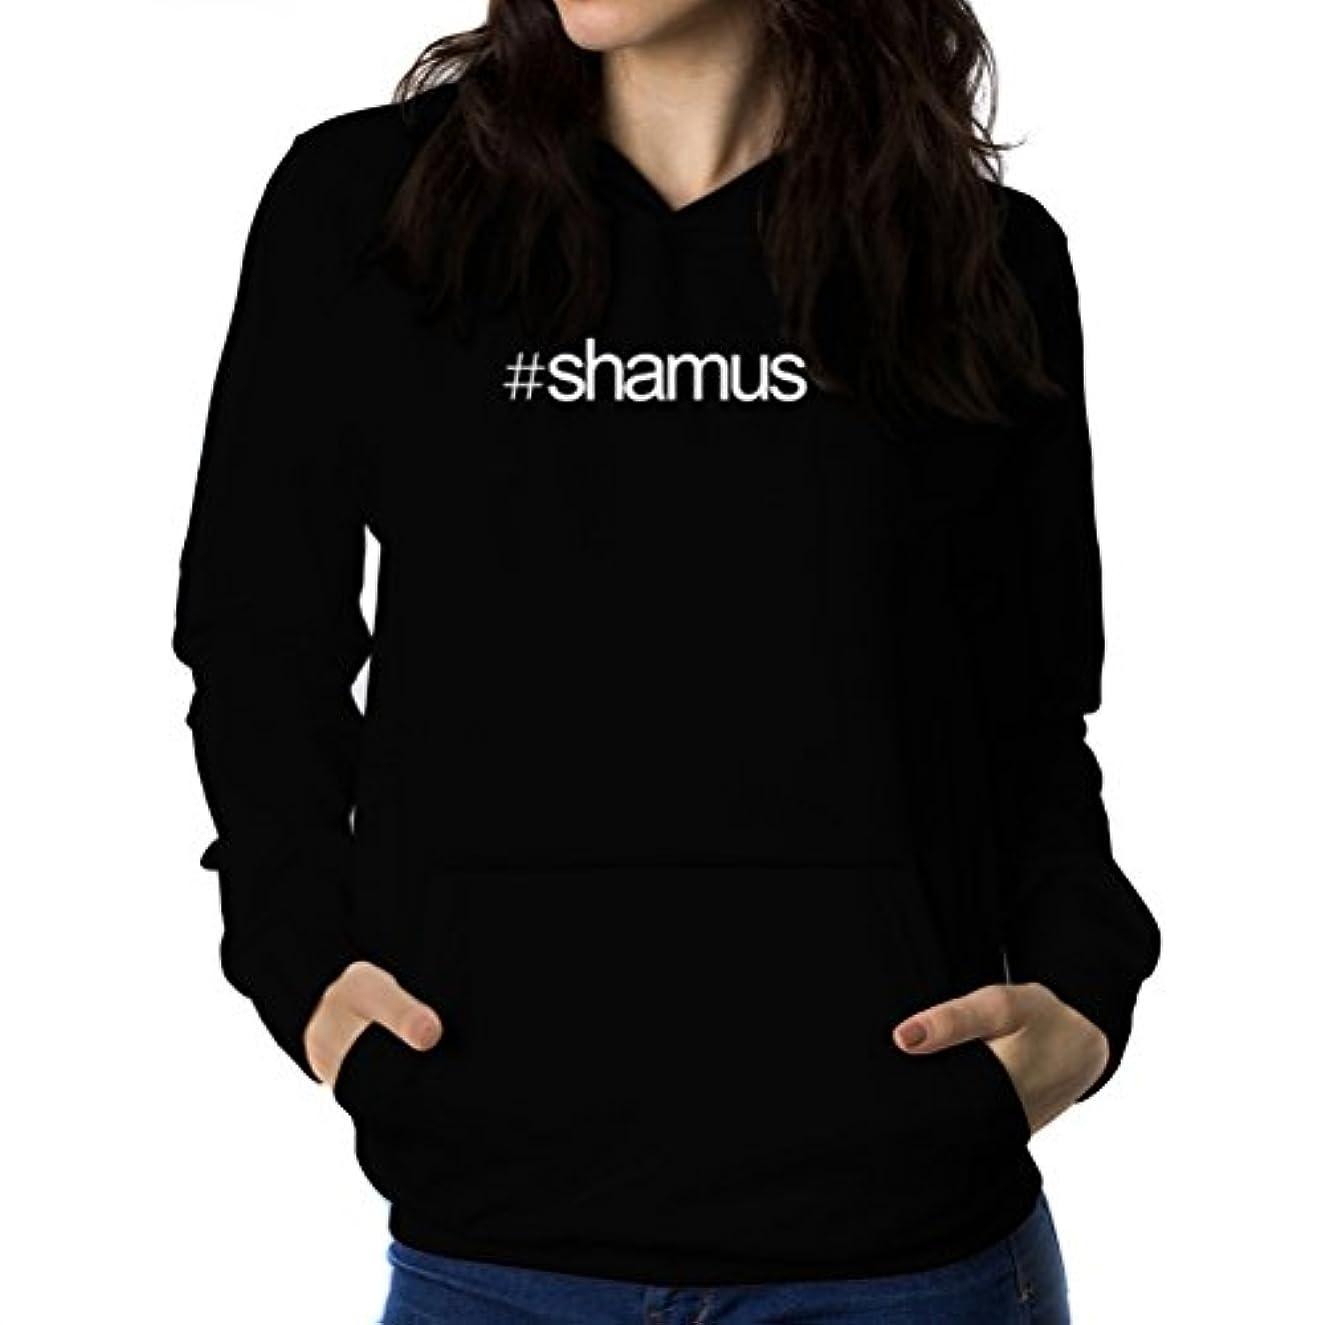 意気込み団結無臭Hashtag Shamus 女性 フーディー